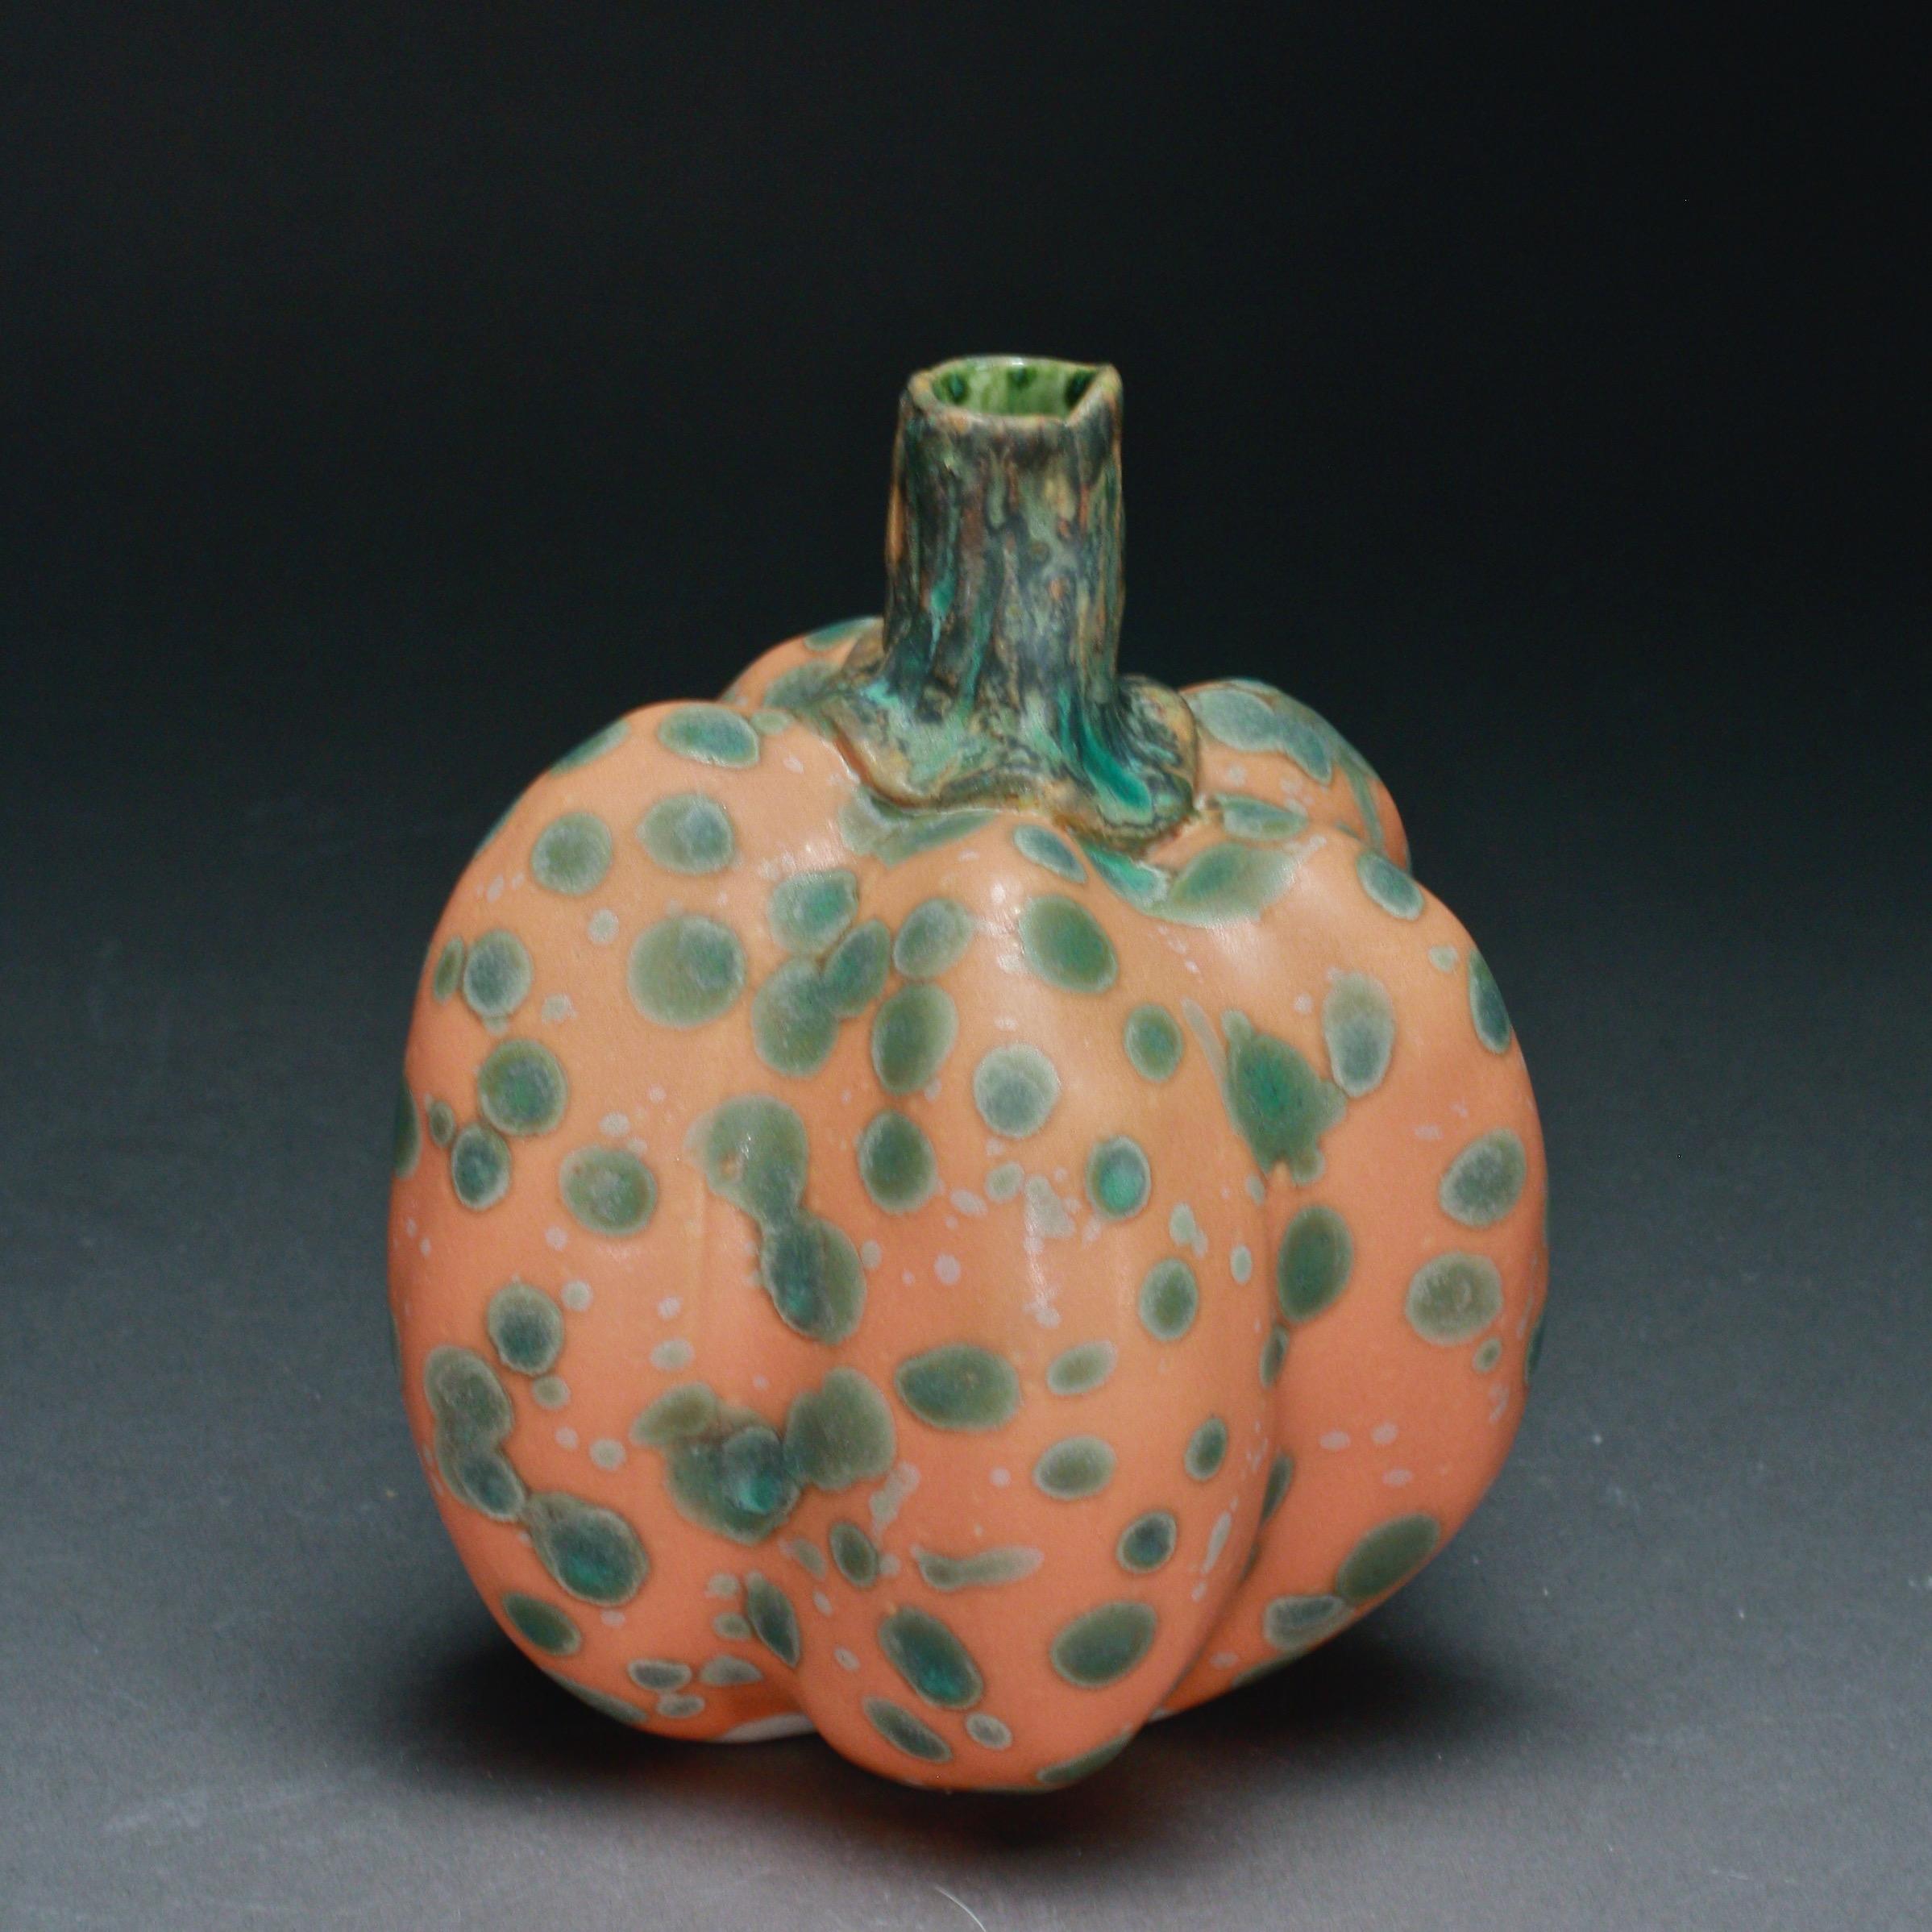 FV-09 | Spotted Orange Pumpkin ($70)